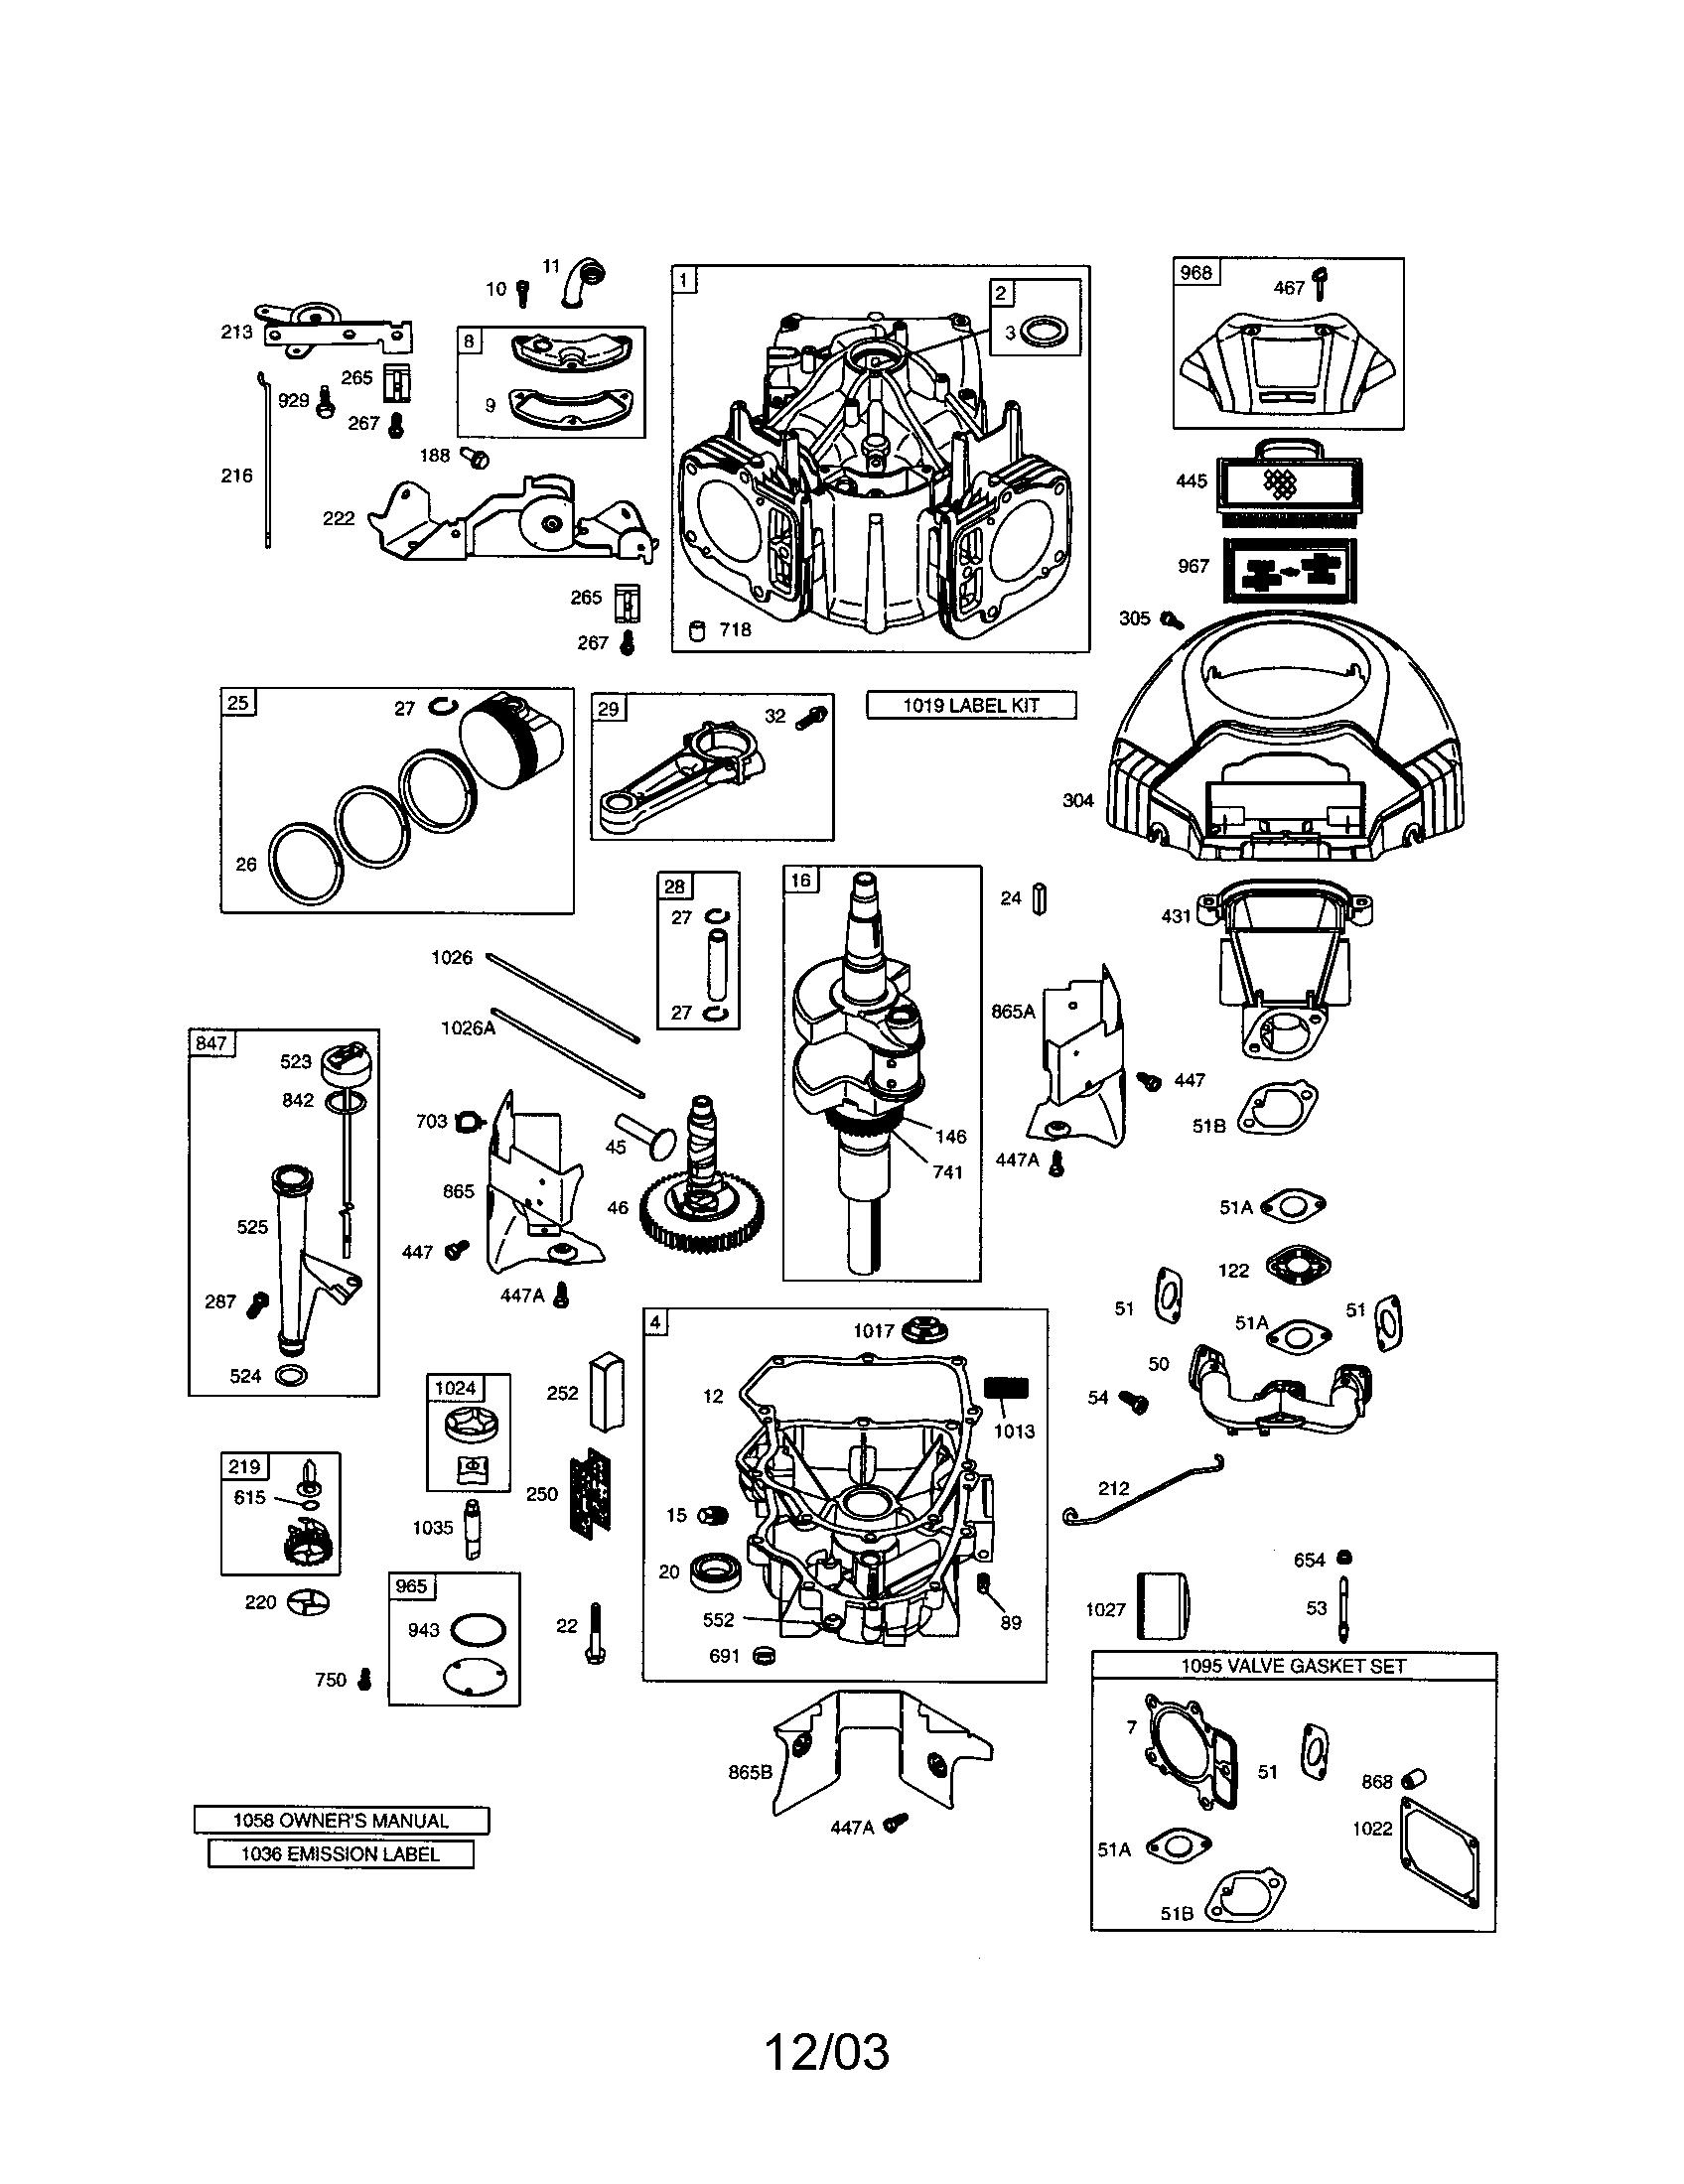 Briggs-Stratton model 407577-0283-E1 engine genuine parts